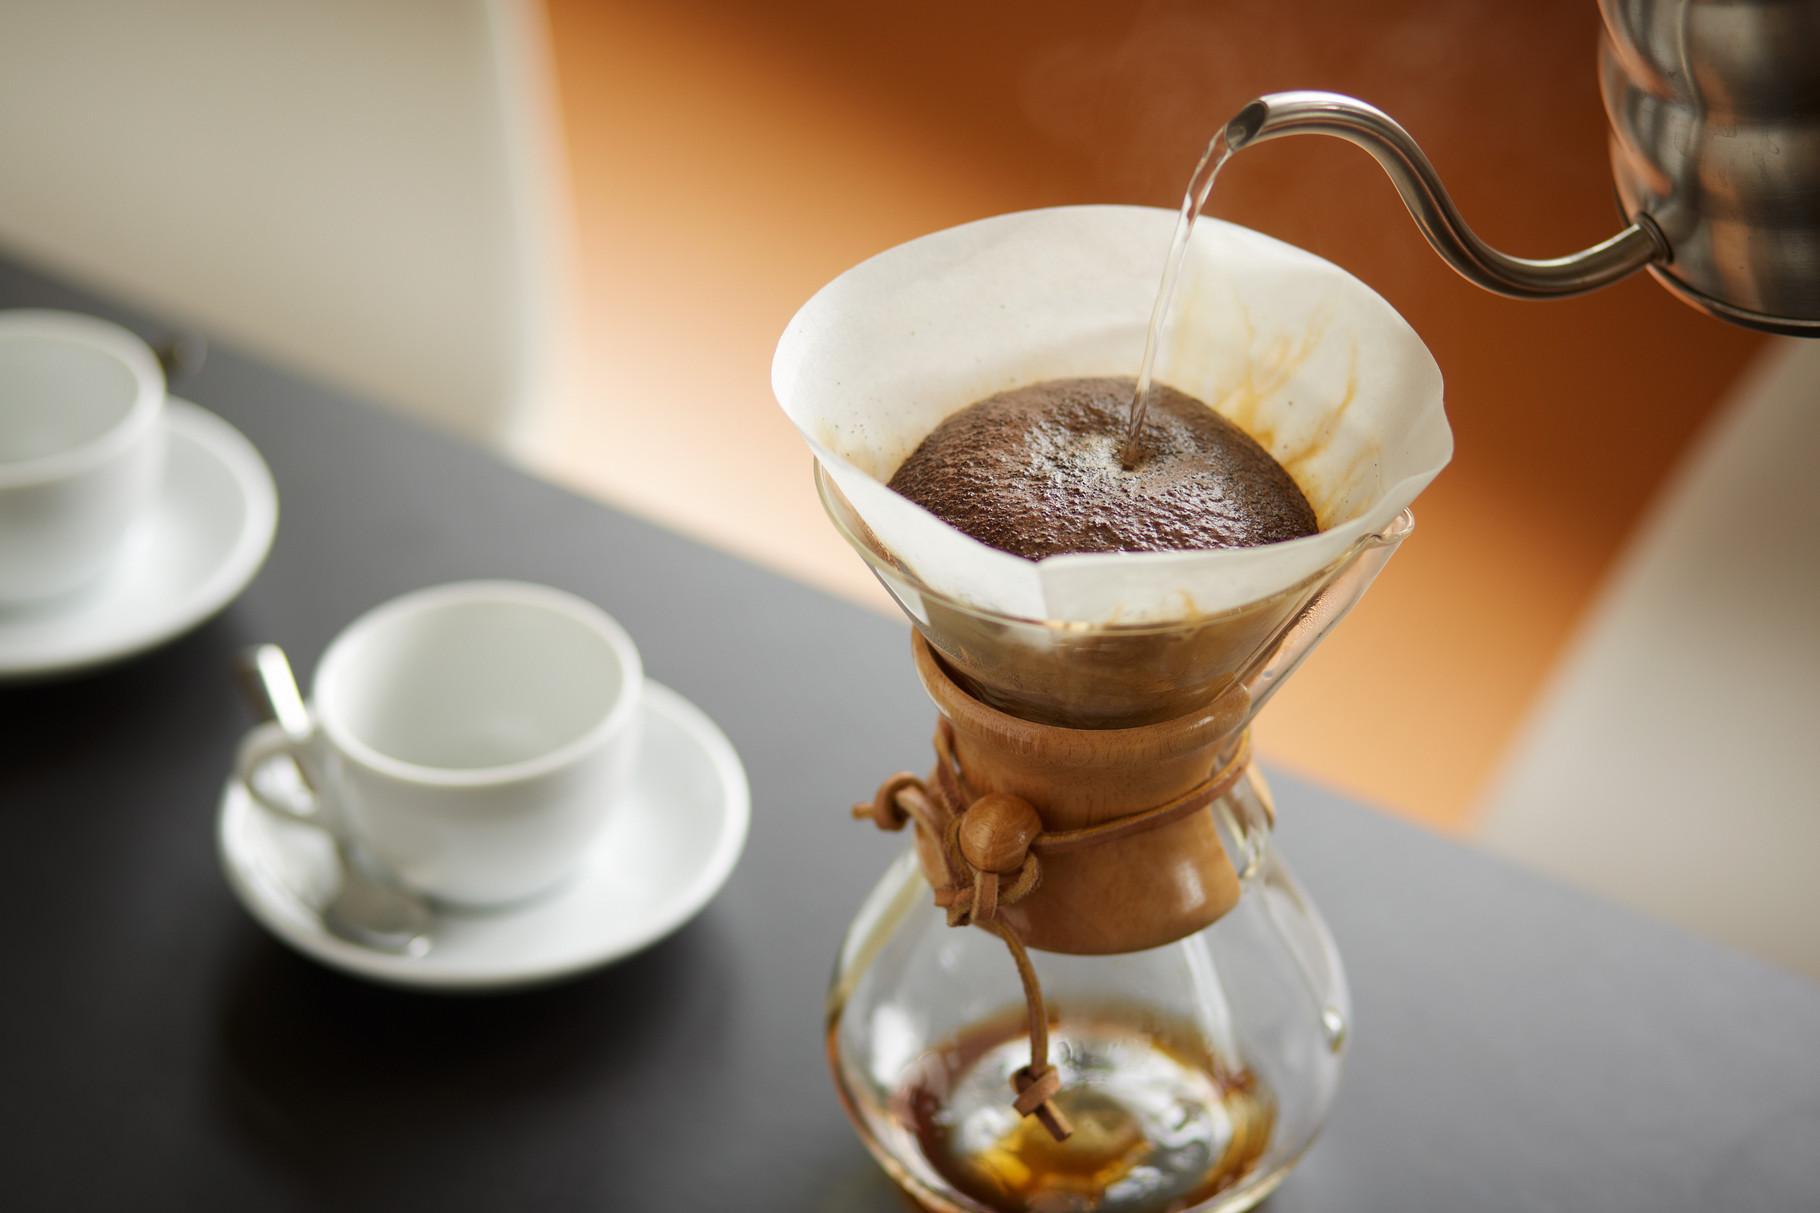 Rast Kaffee, Filterkaffee